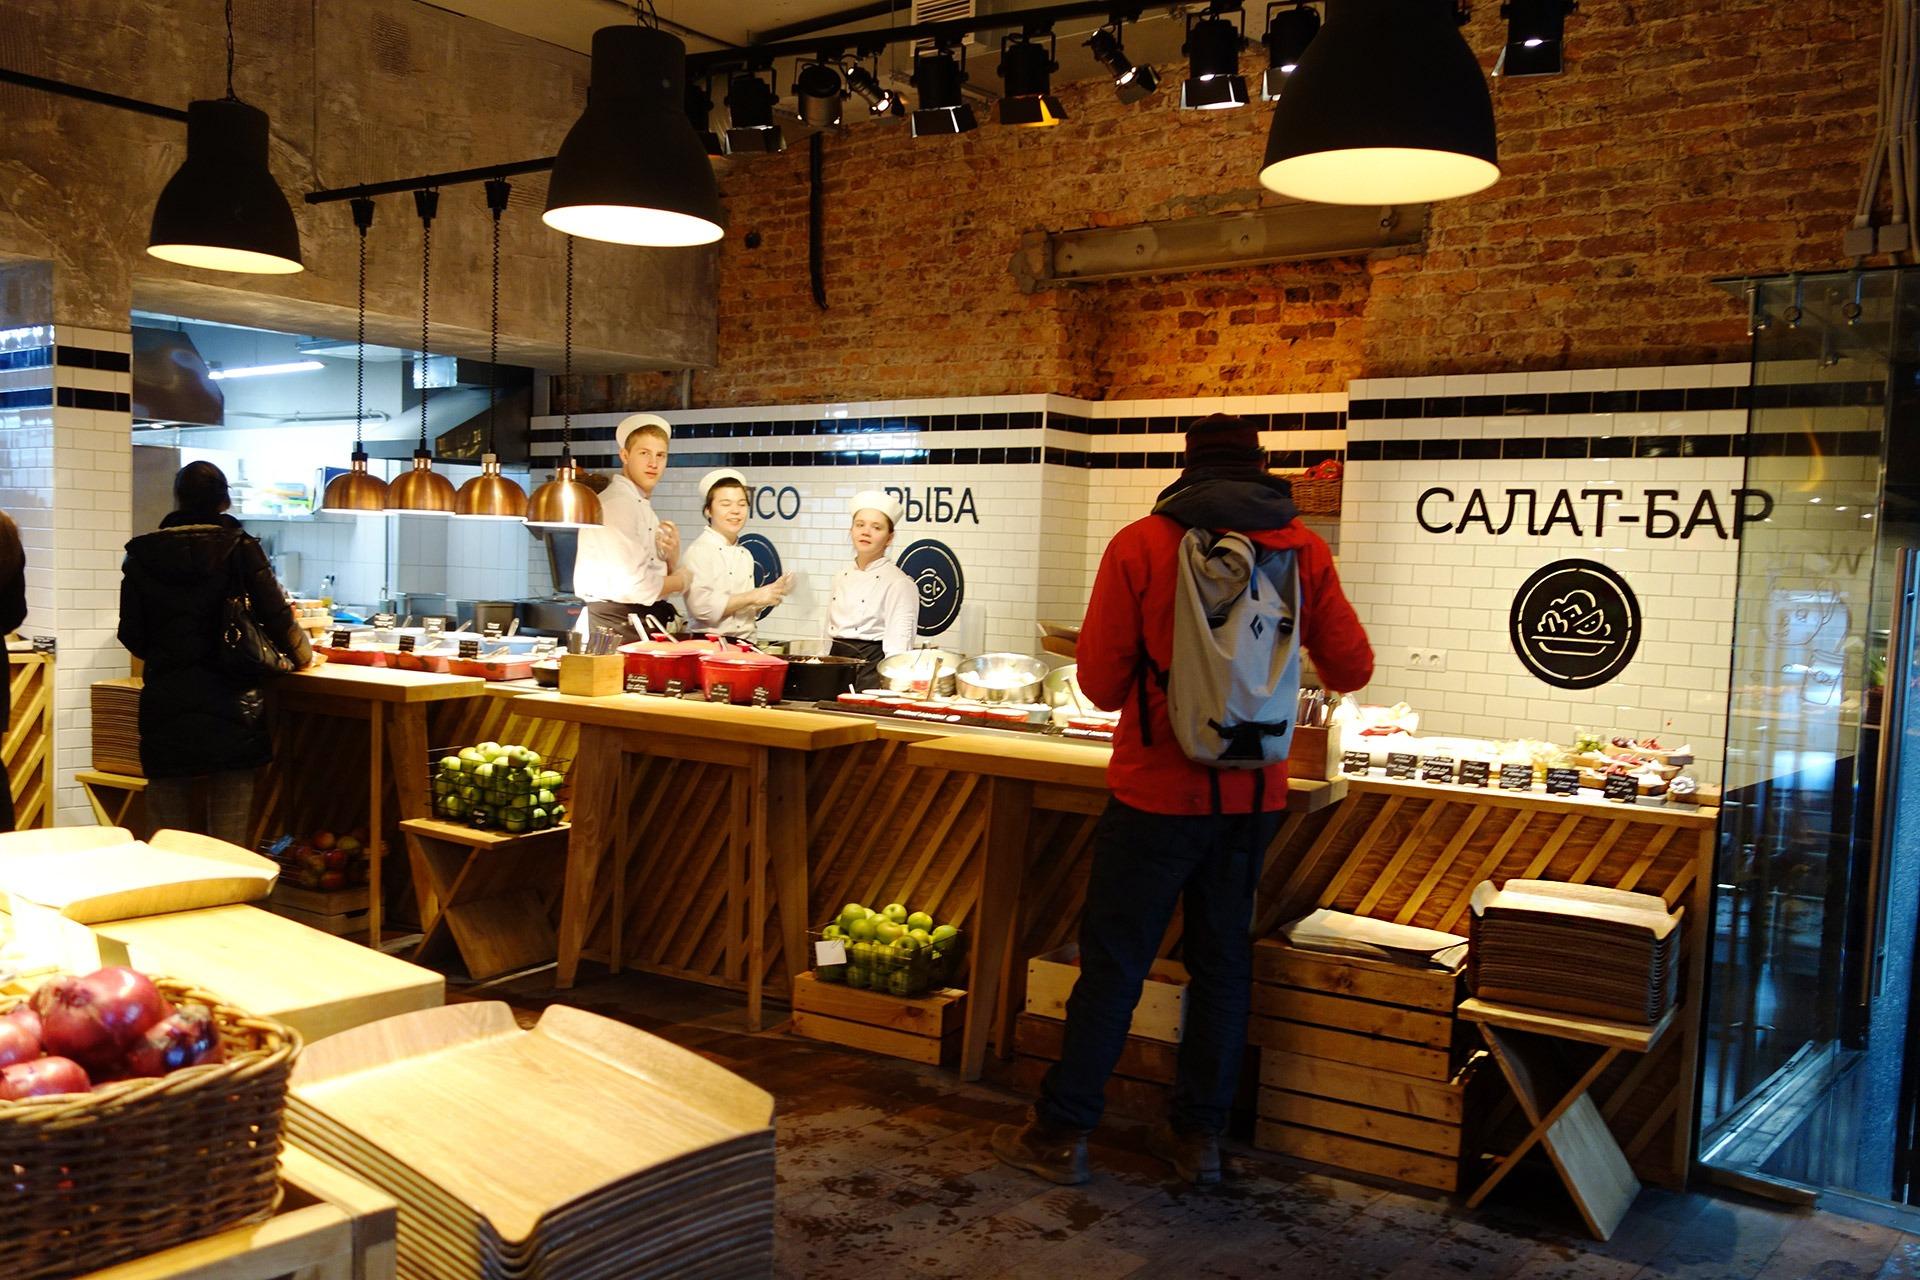 Асгард Брендинг, фирменный стиль, система графической навигации., пиктограммы, ресторан Marketplace на Грибоедова, дизайн, брендинг ресторана